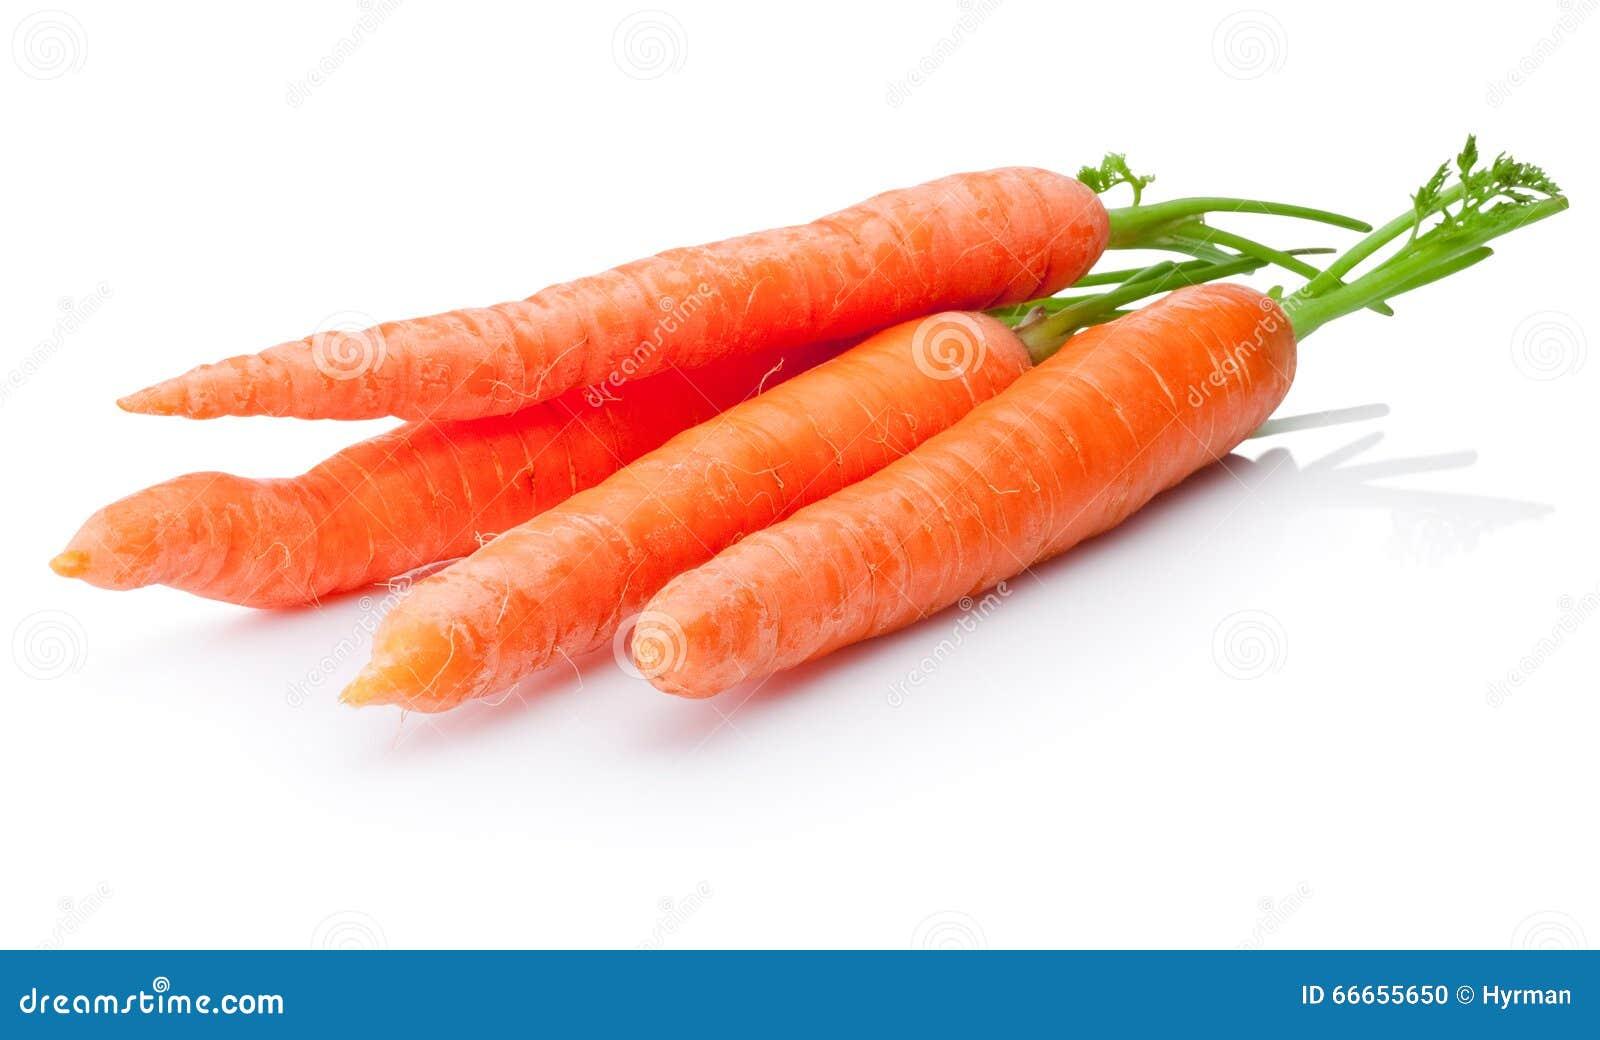 Fresh carrots vegetable on white background